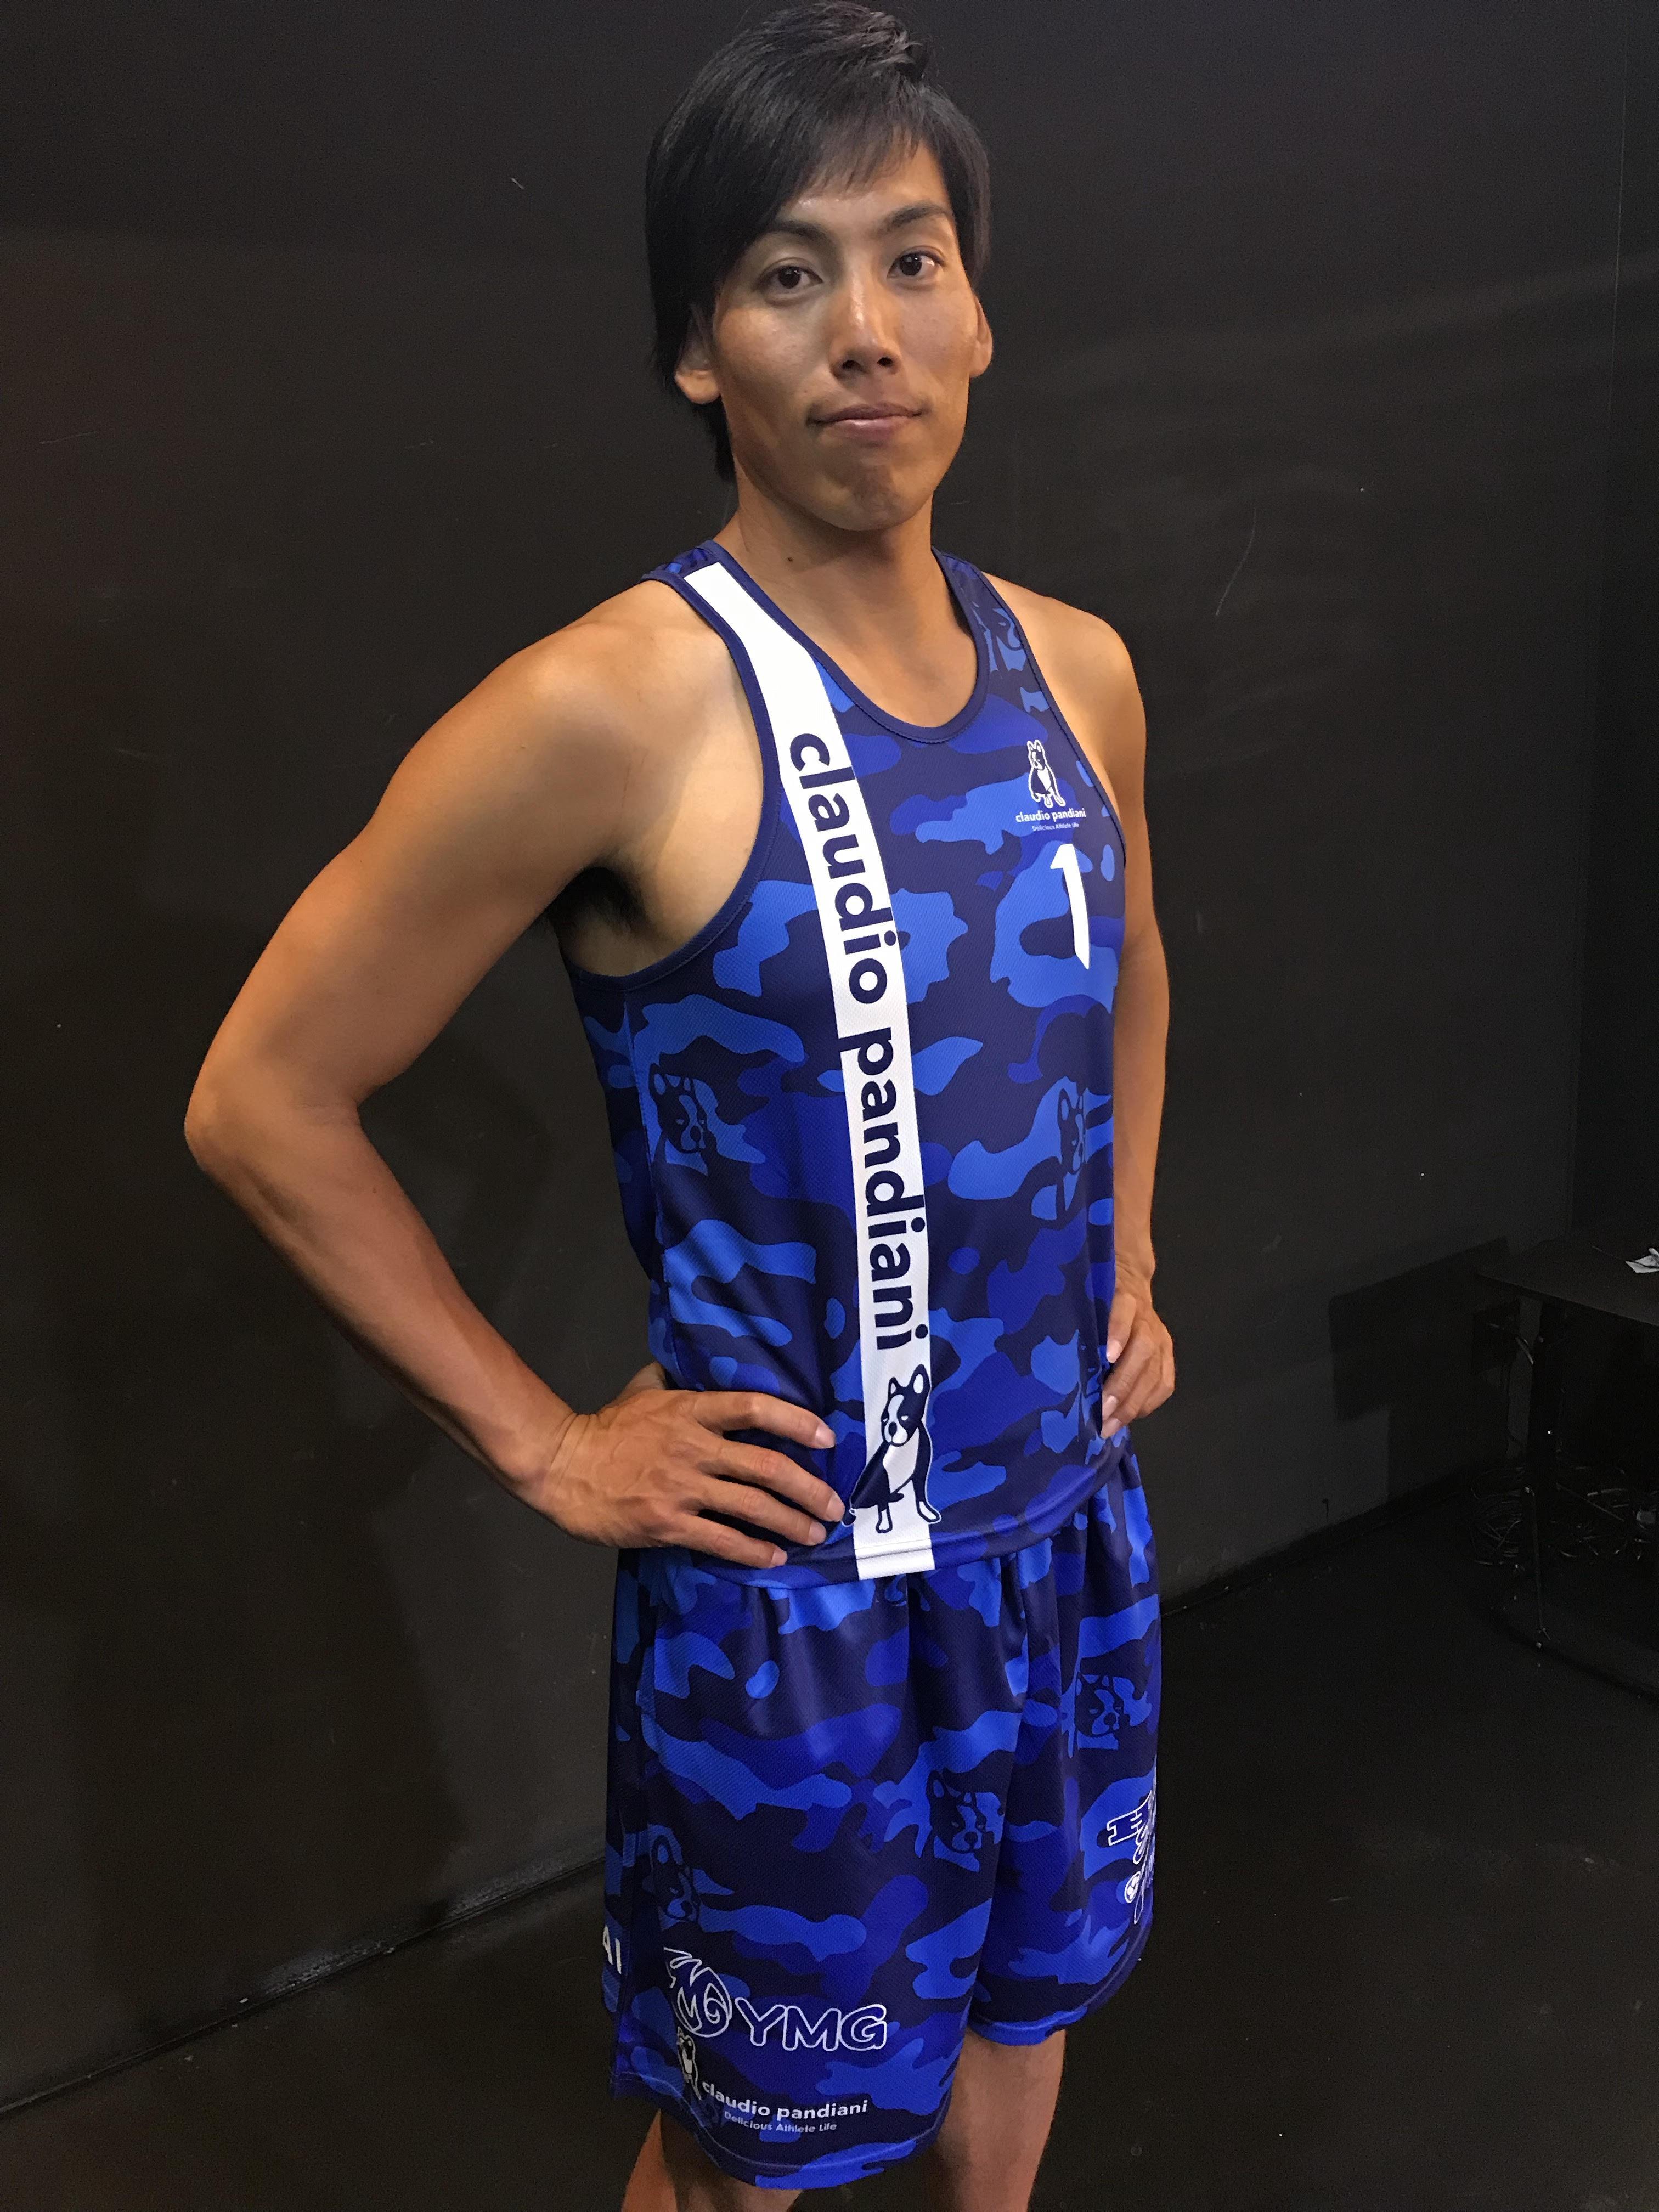 越川 優(コシカワ ユウ) | ホリプロオフィシャルサイト